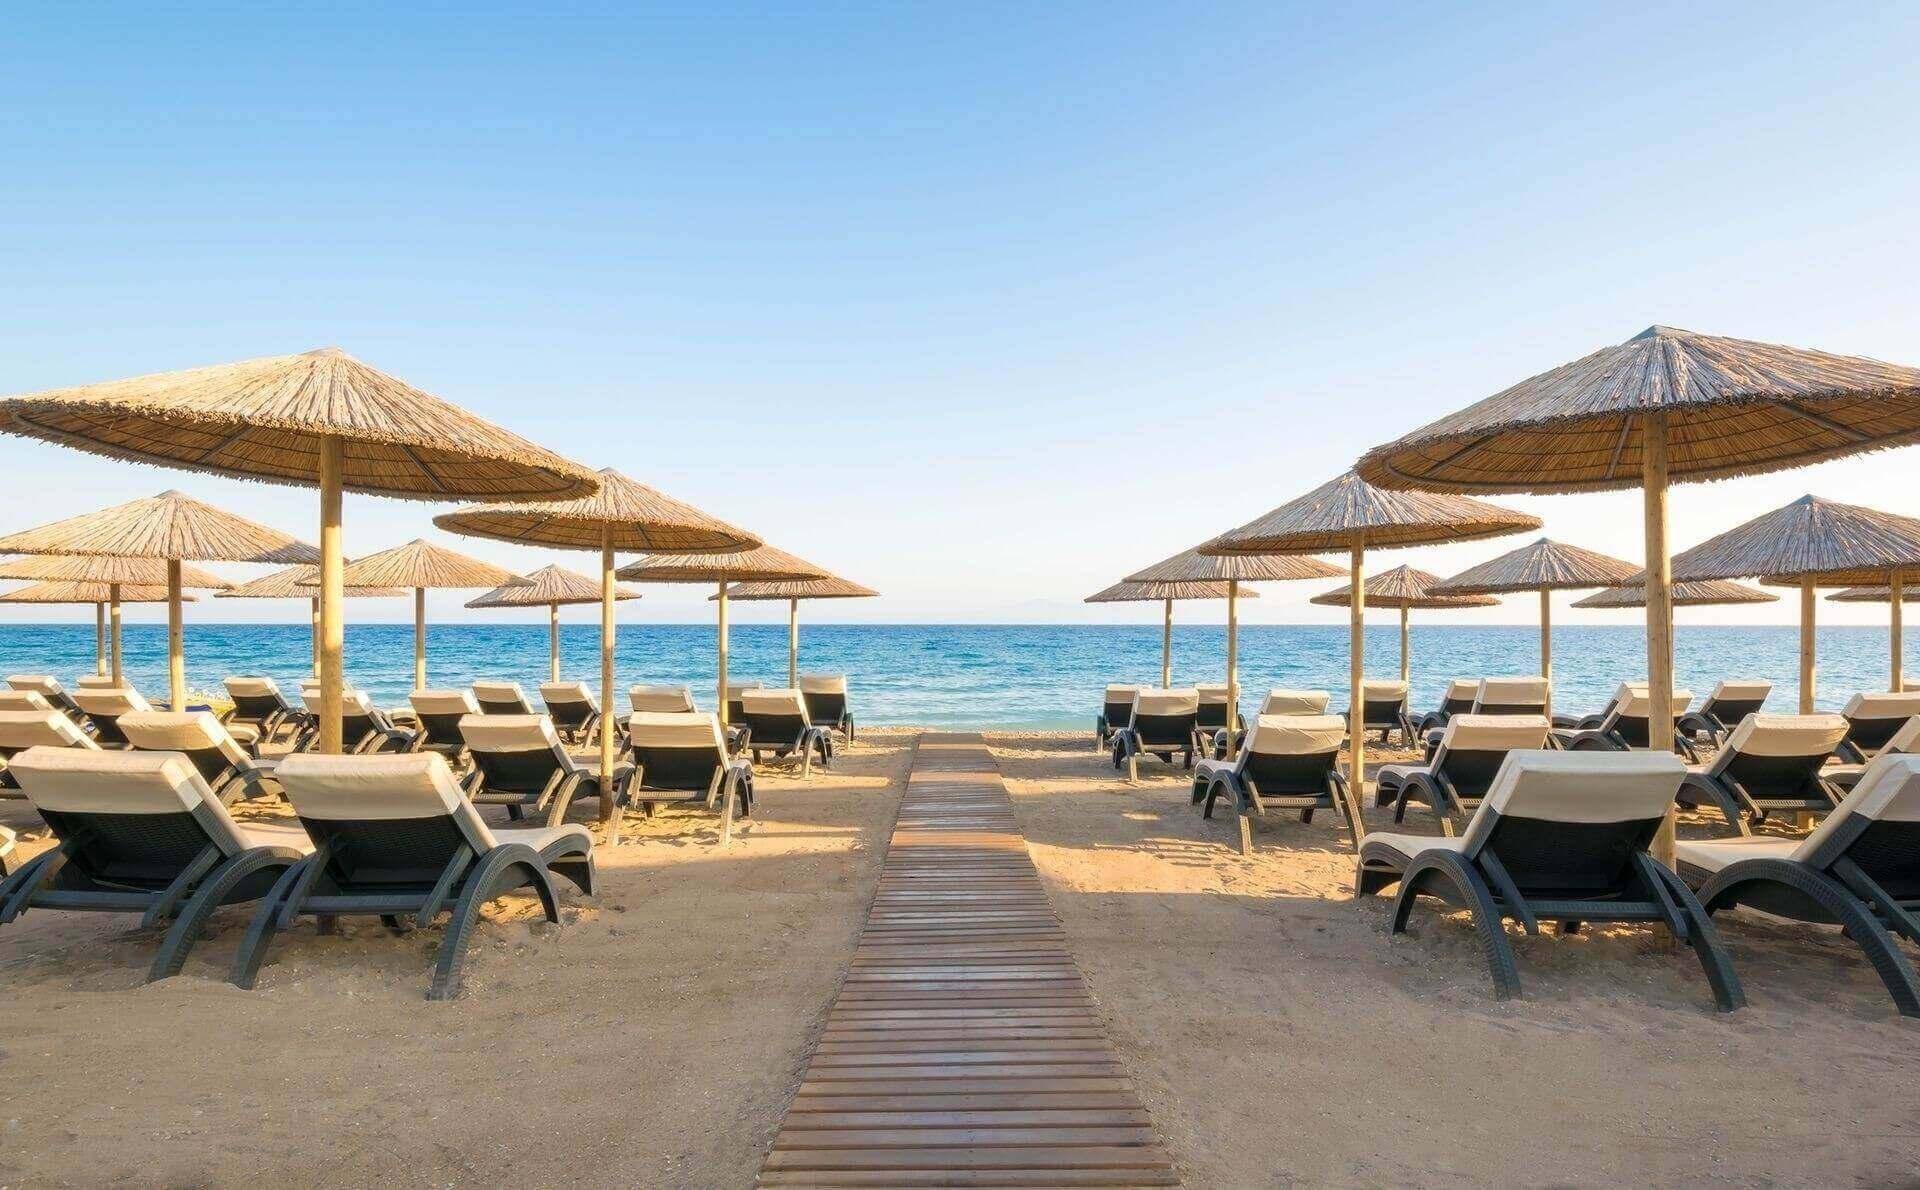 9 מאי-יוני ברודוס - שמש, חופים ומלון 5 כוכבים מומלץ